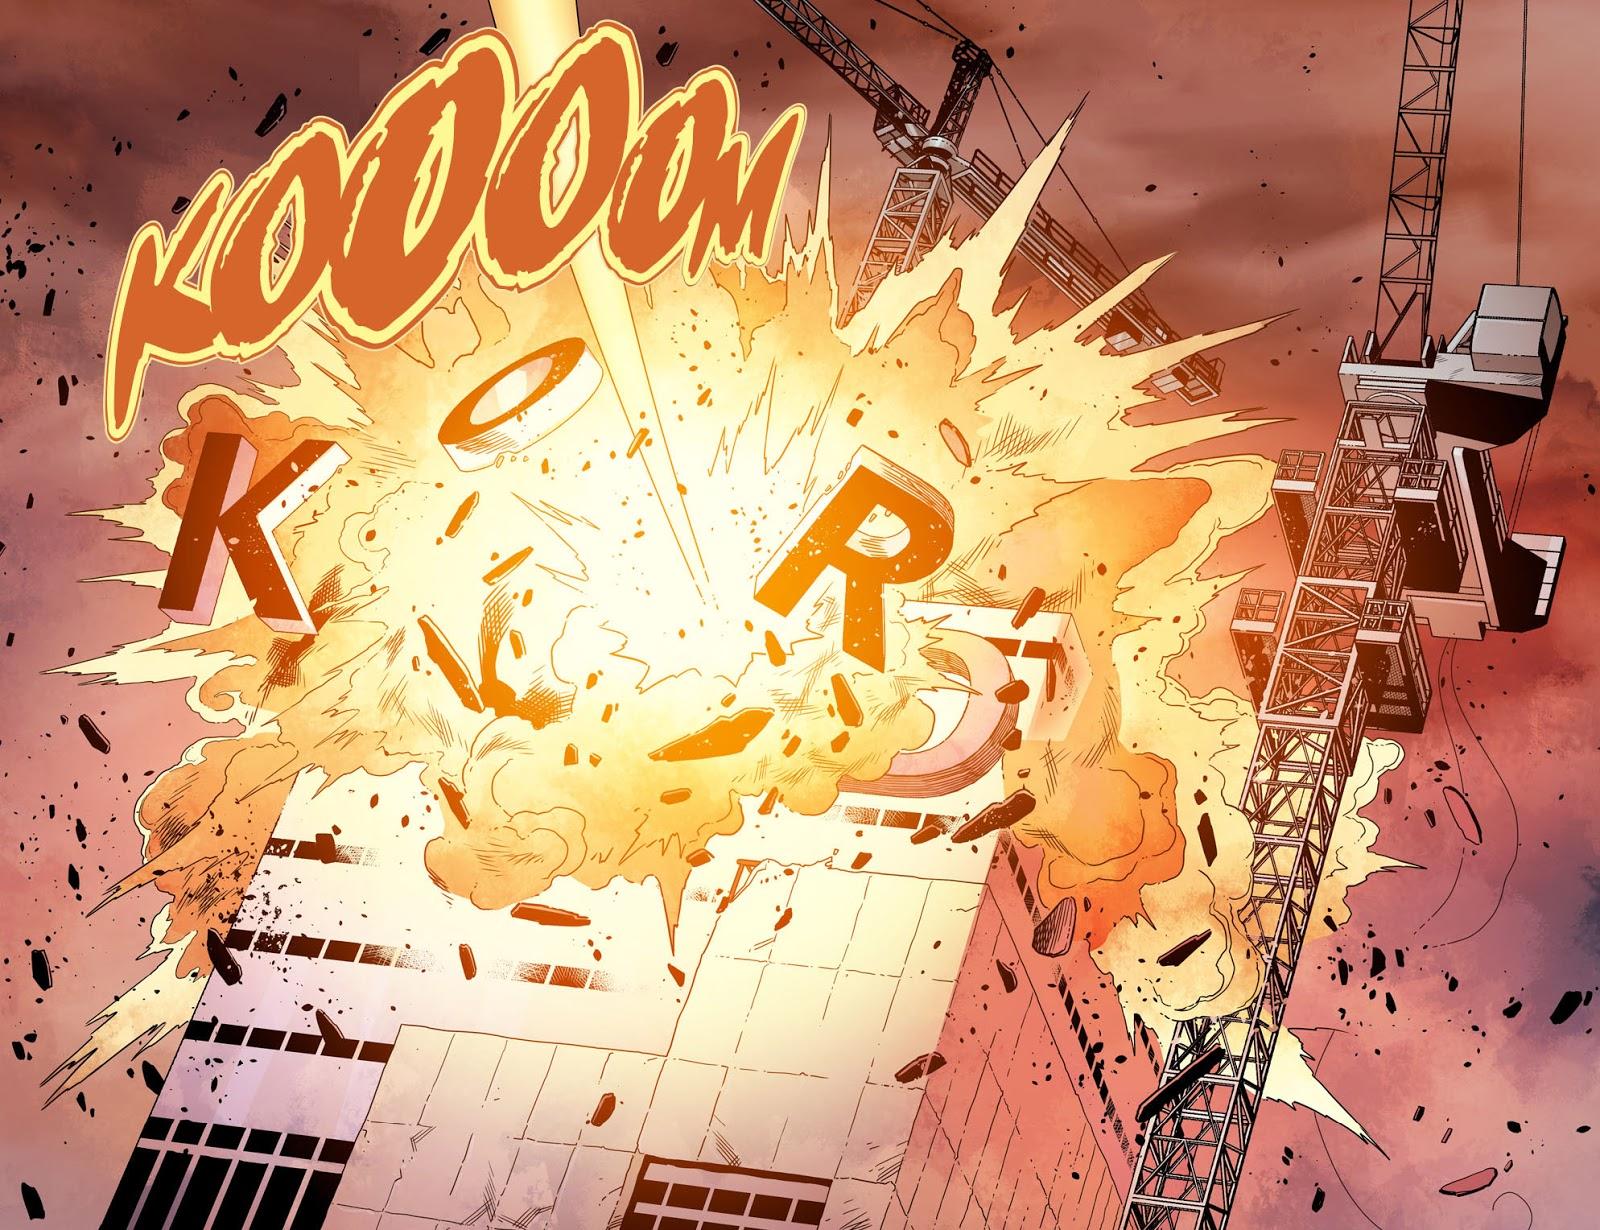 Lobo VS Booster Gold (Injustice II)